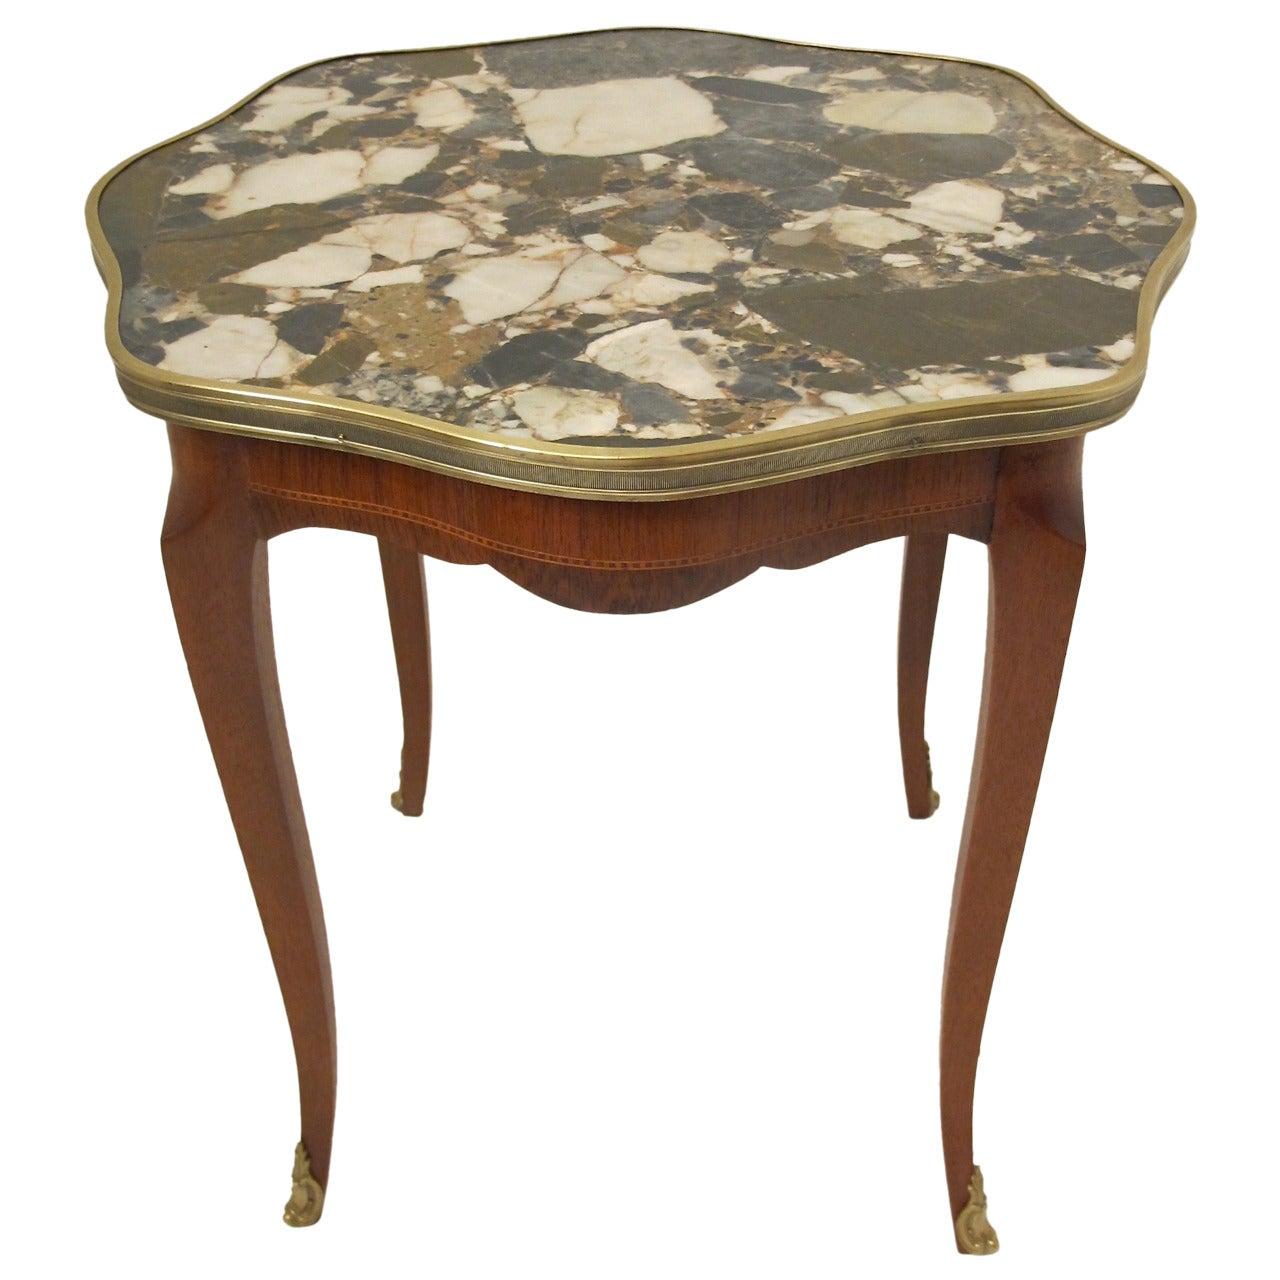 Italian Mahogany and Marble Side Table